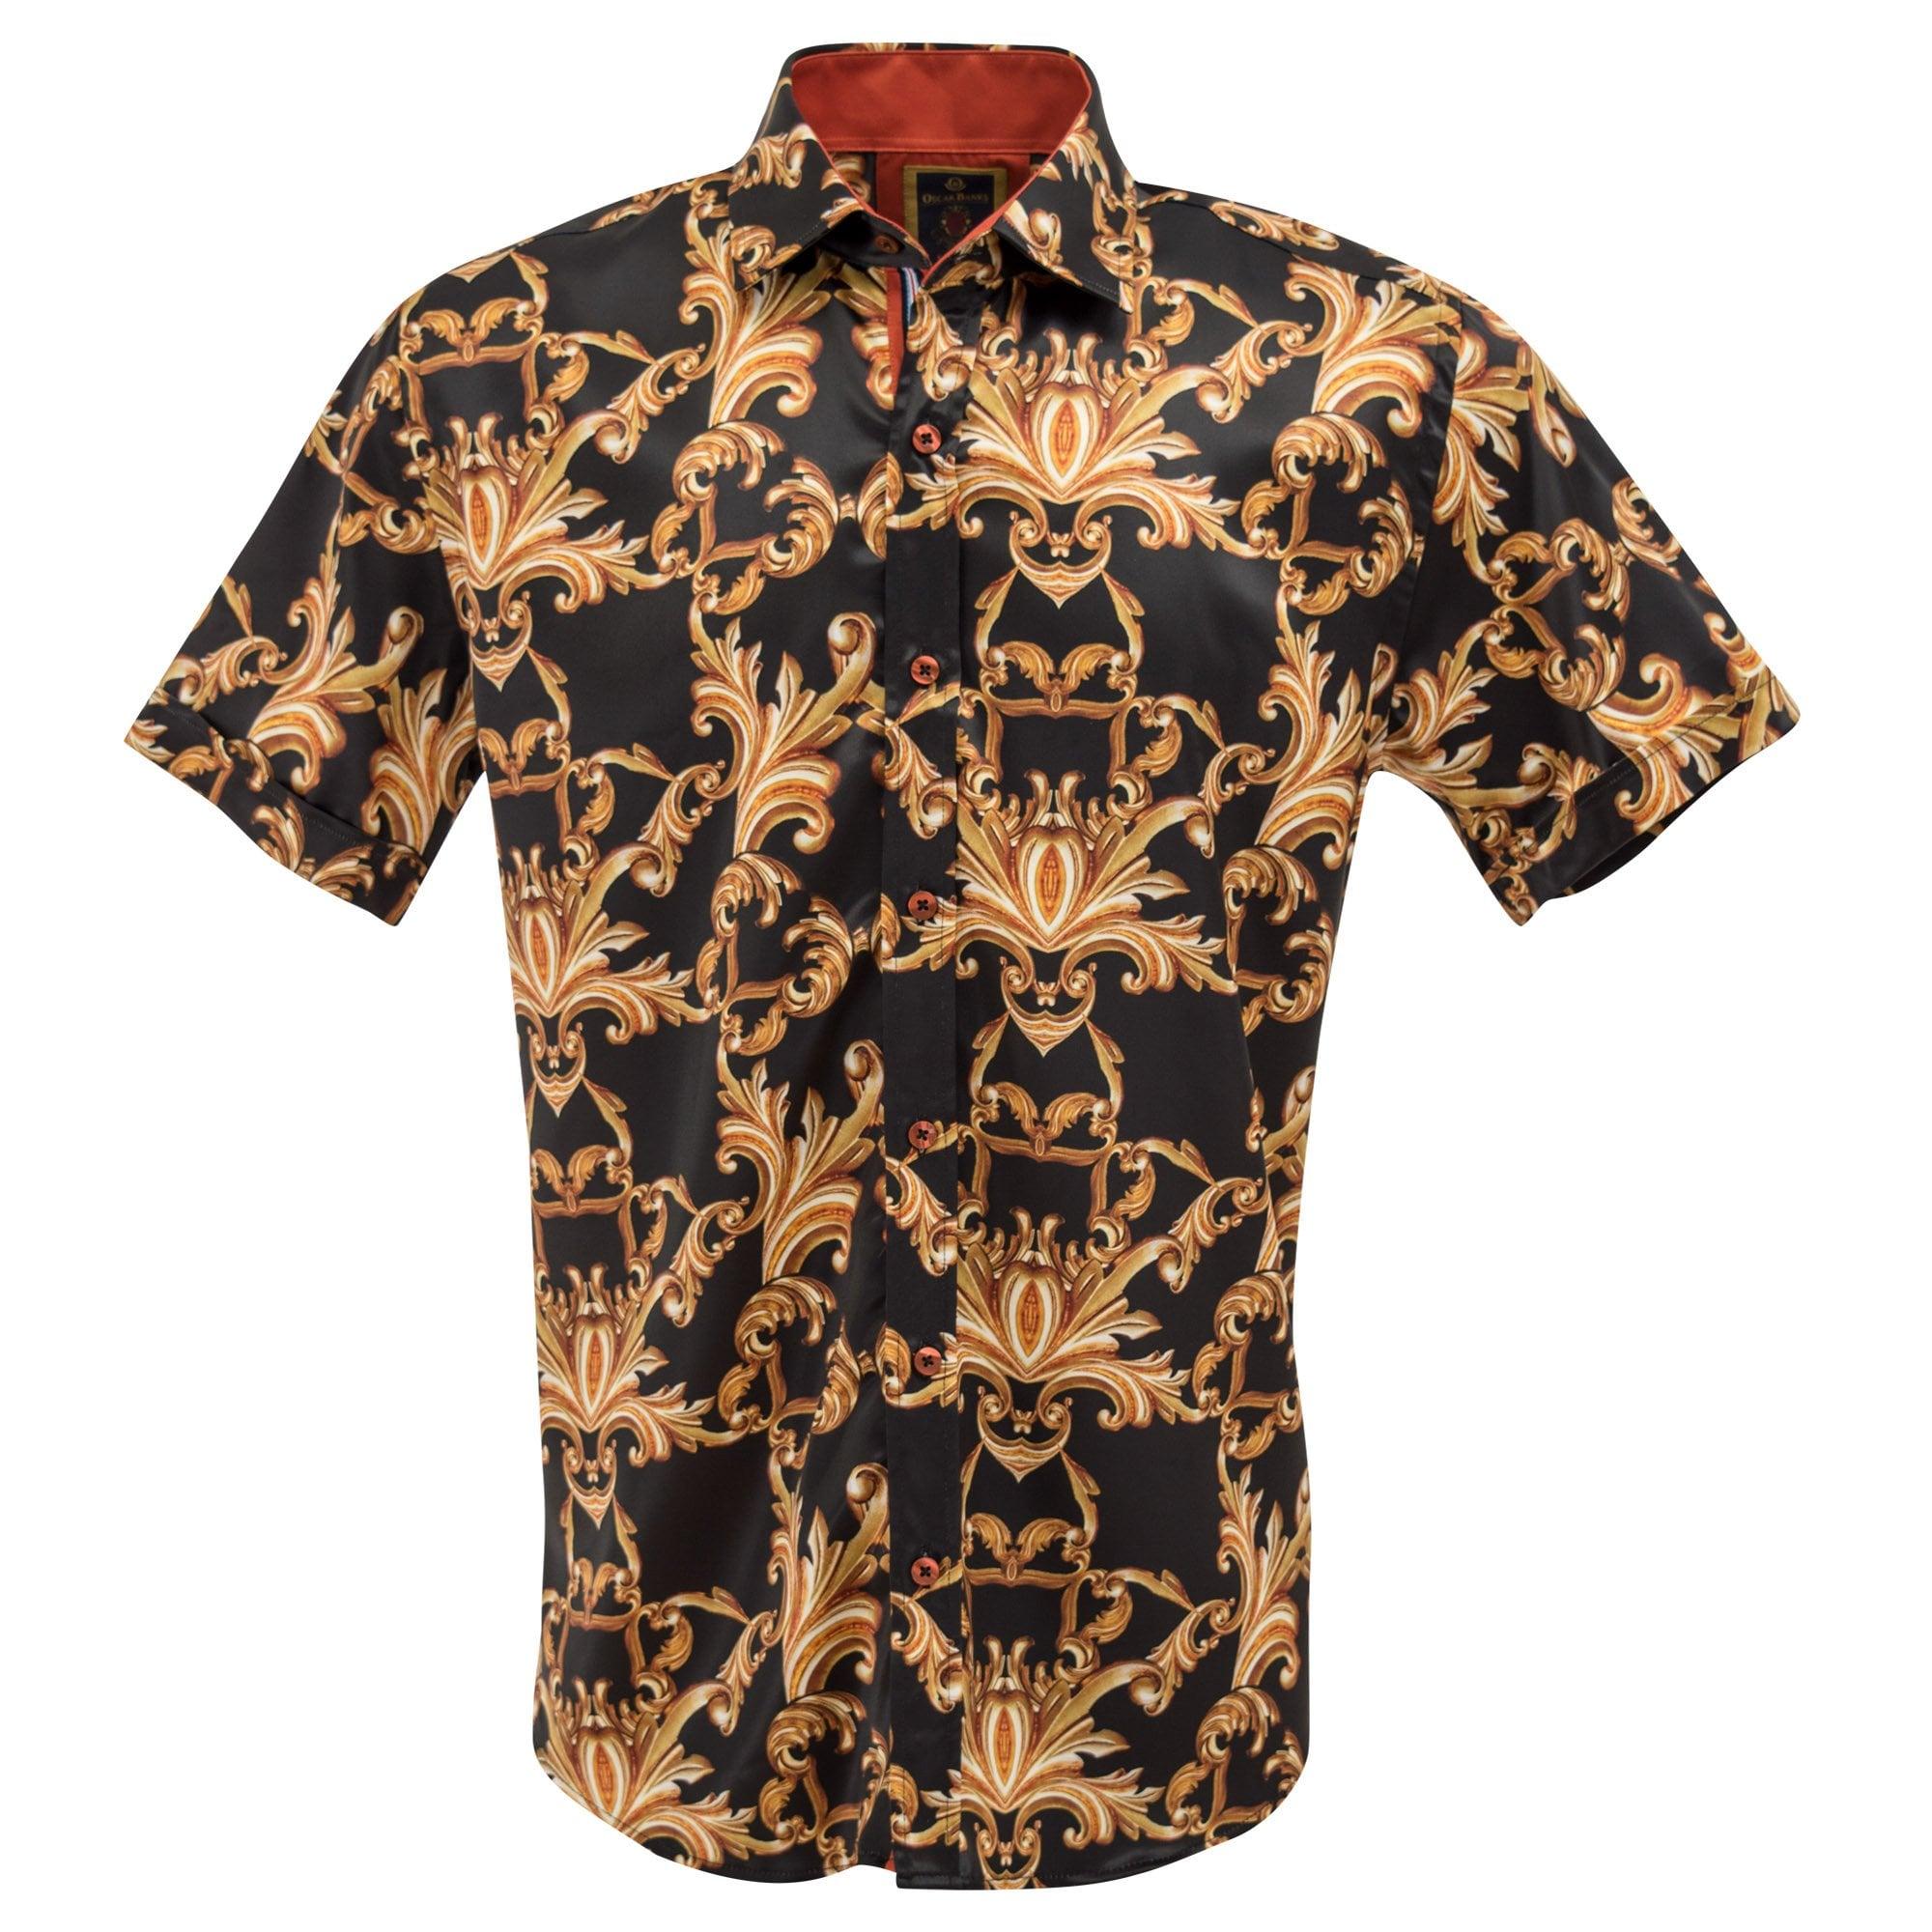 Satin Black and Gold Baroque Print Short Sleeve Mens Shirt